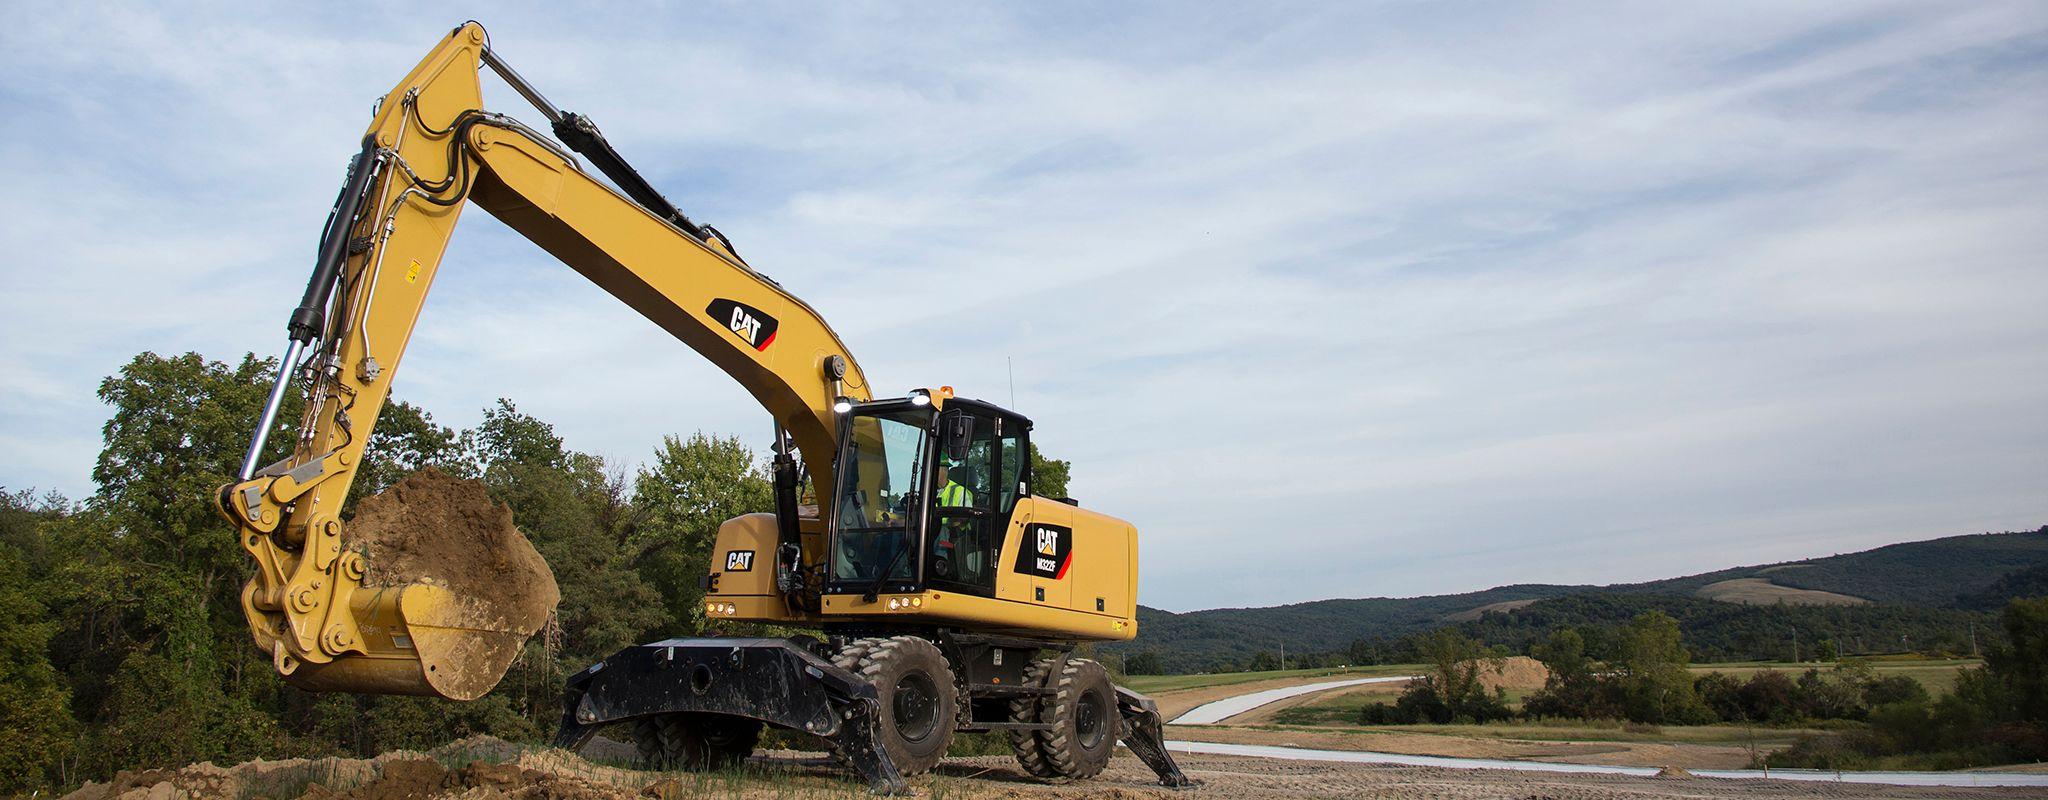 wheeled excavator oklahoma